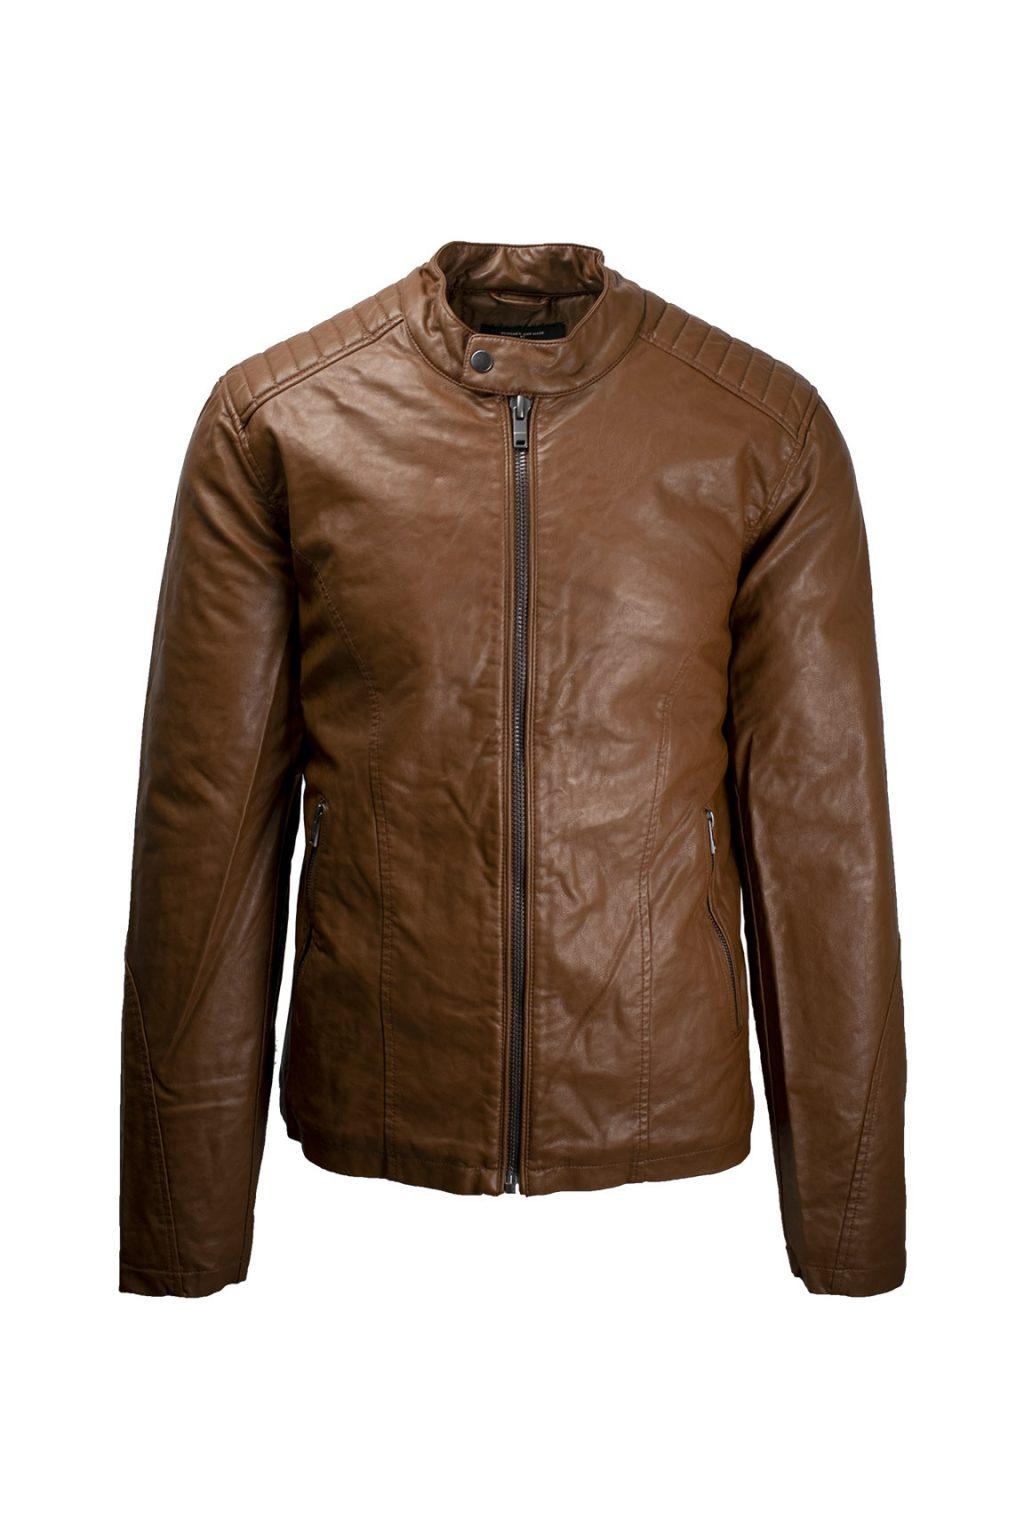 Ανδρικό Μπουφάν Jacket Δερματίνη 42-201-012 Ταμπά